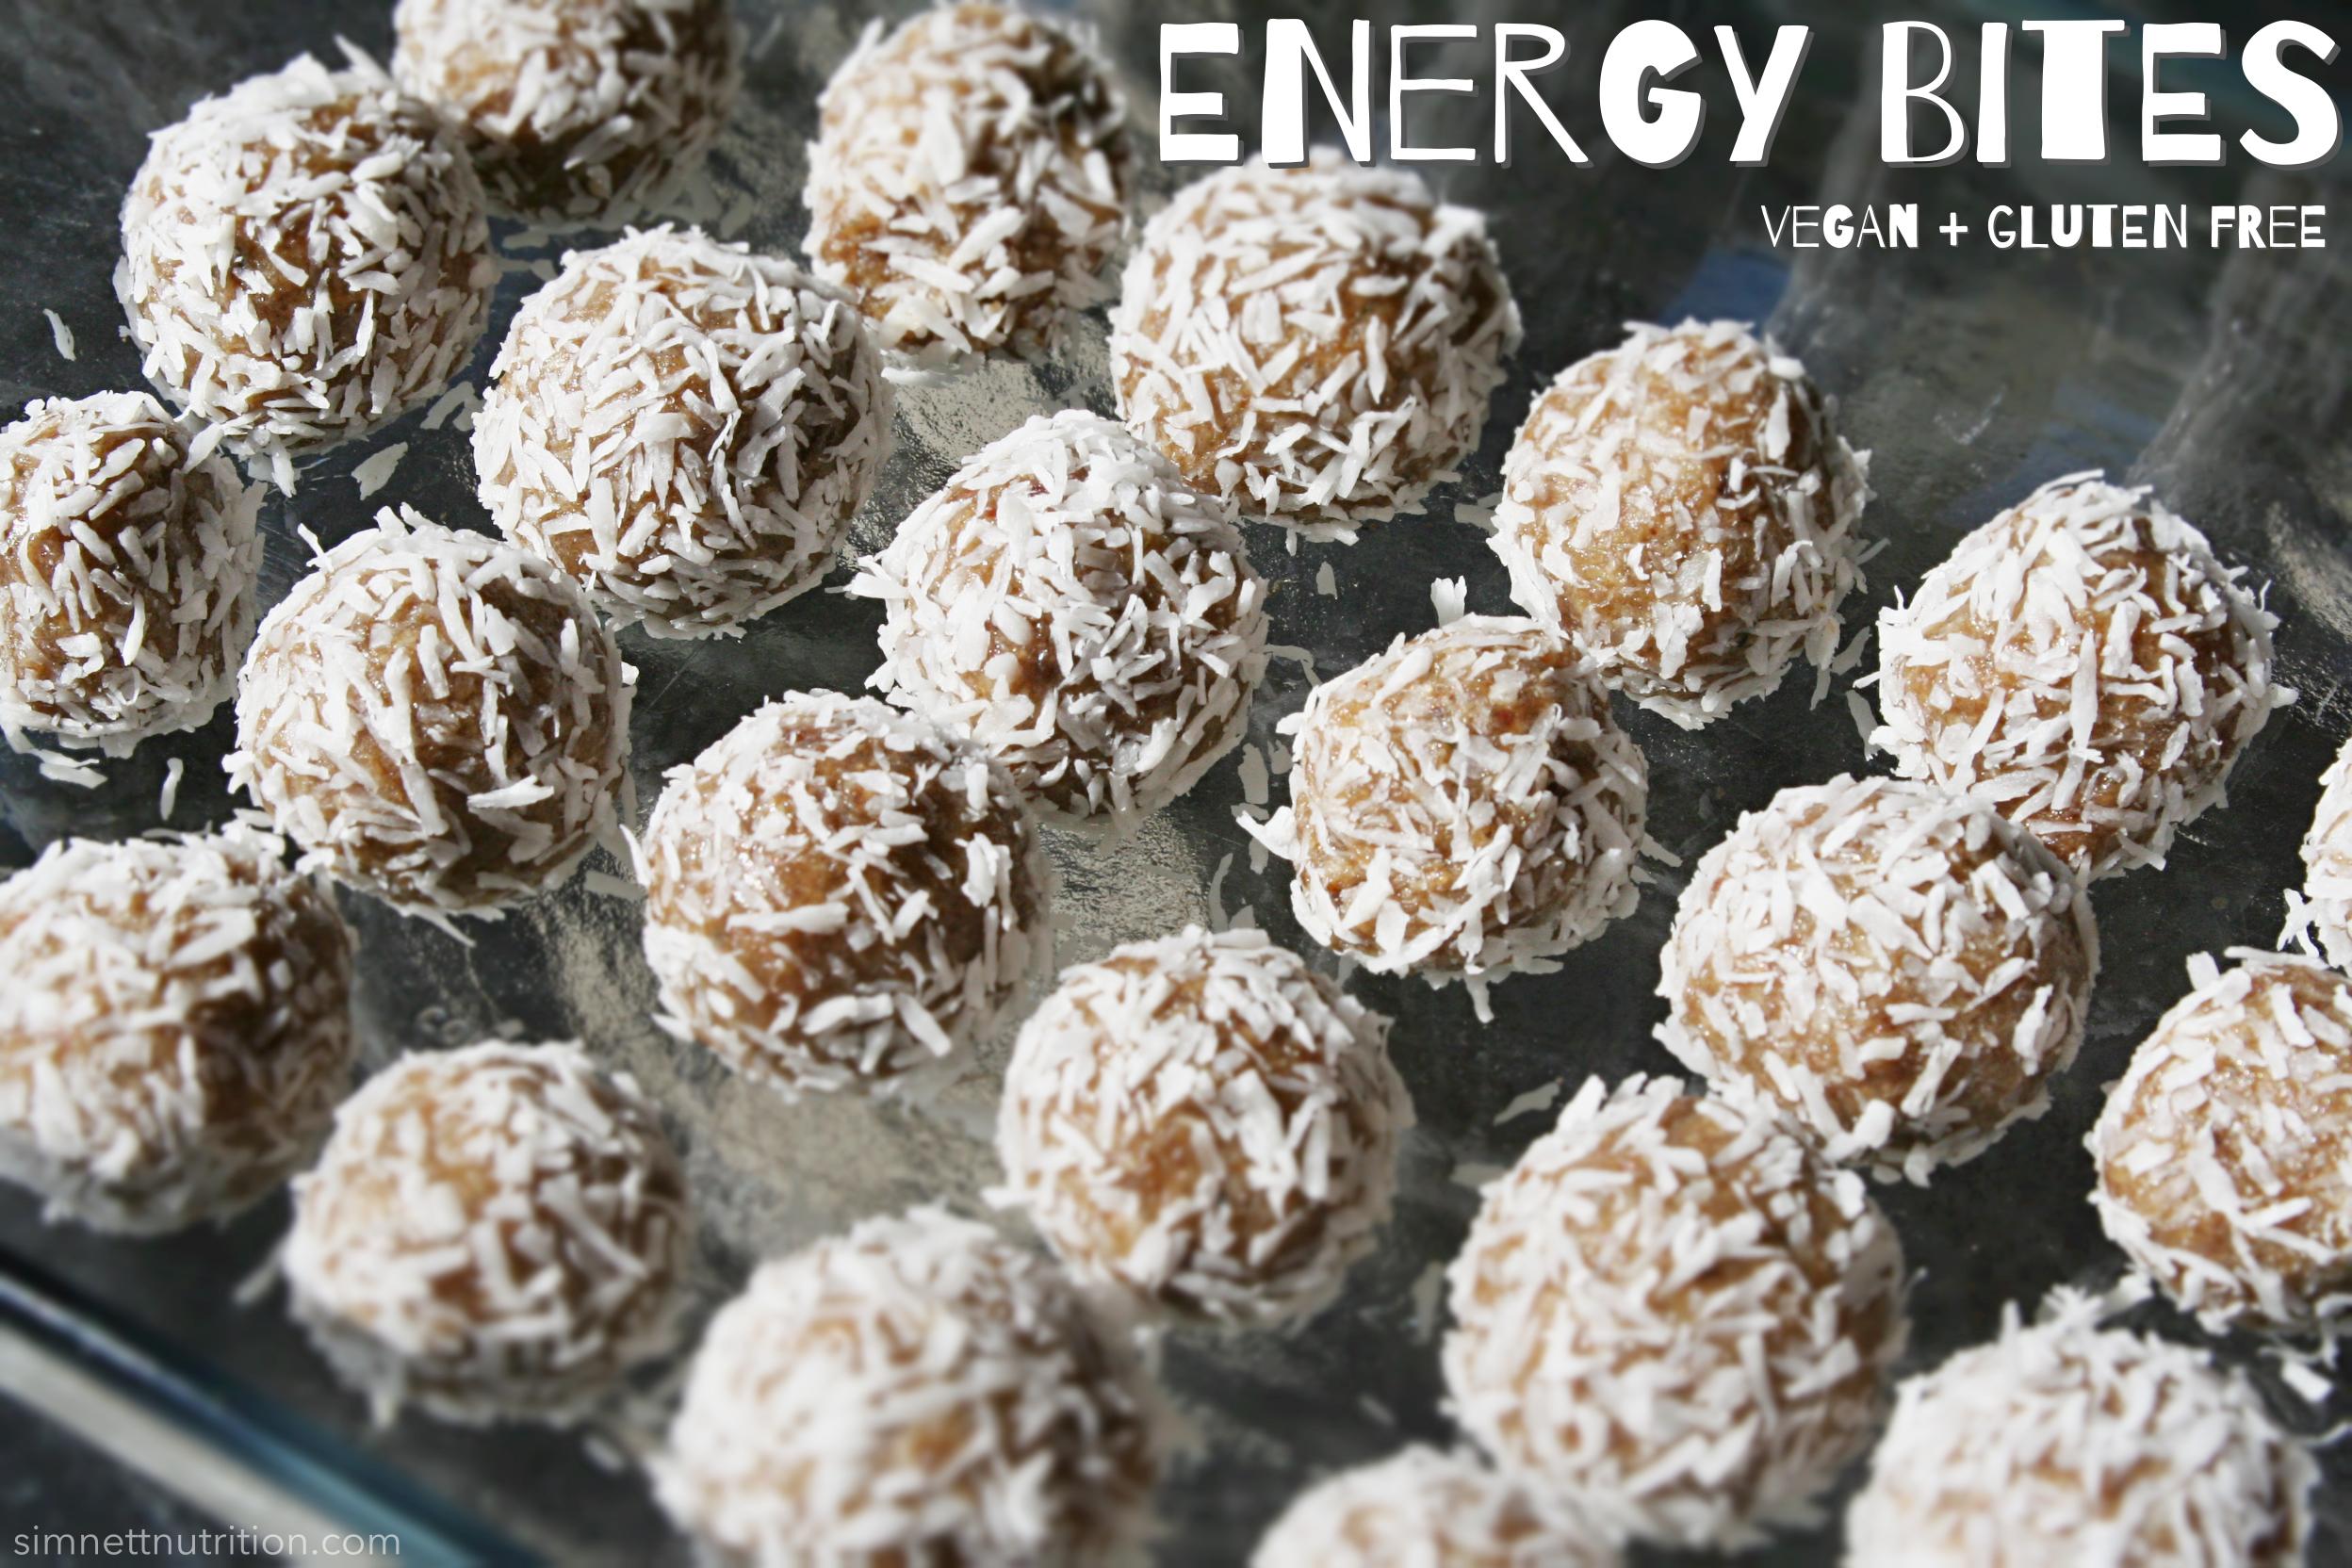 energybites1